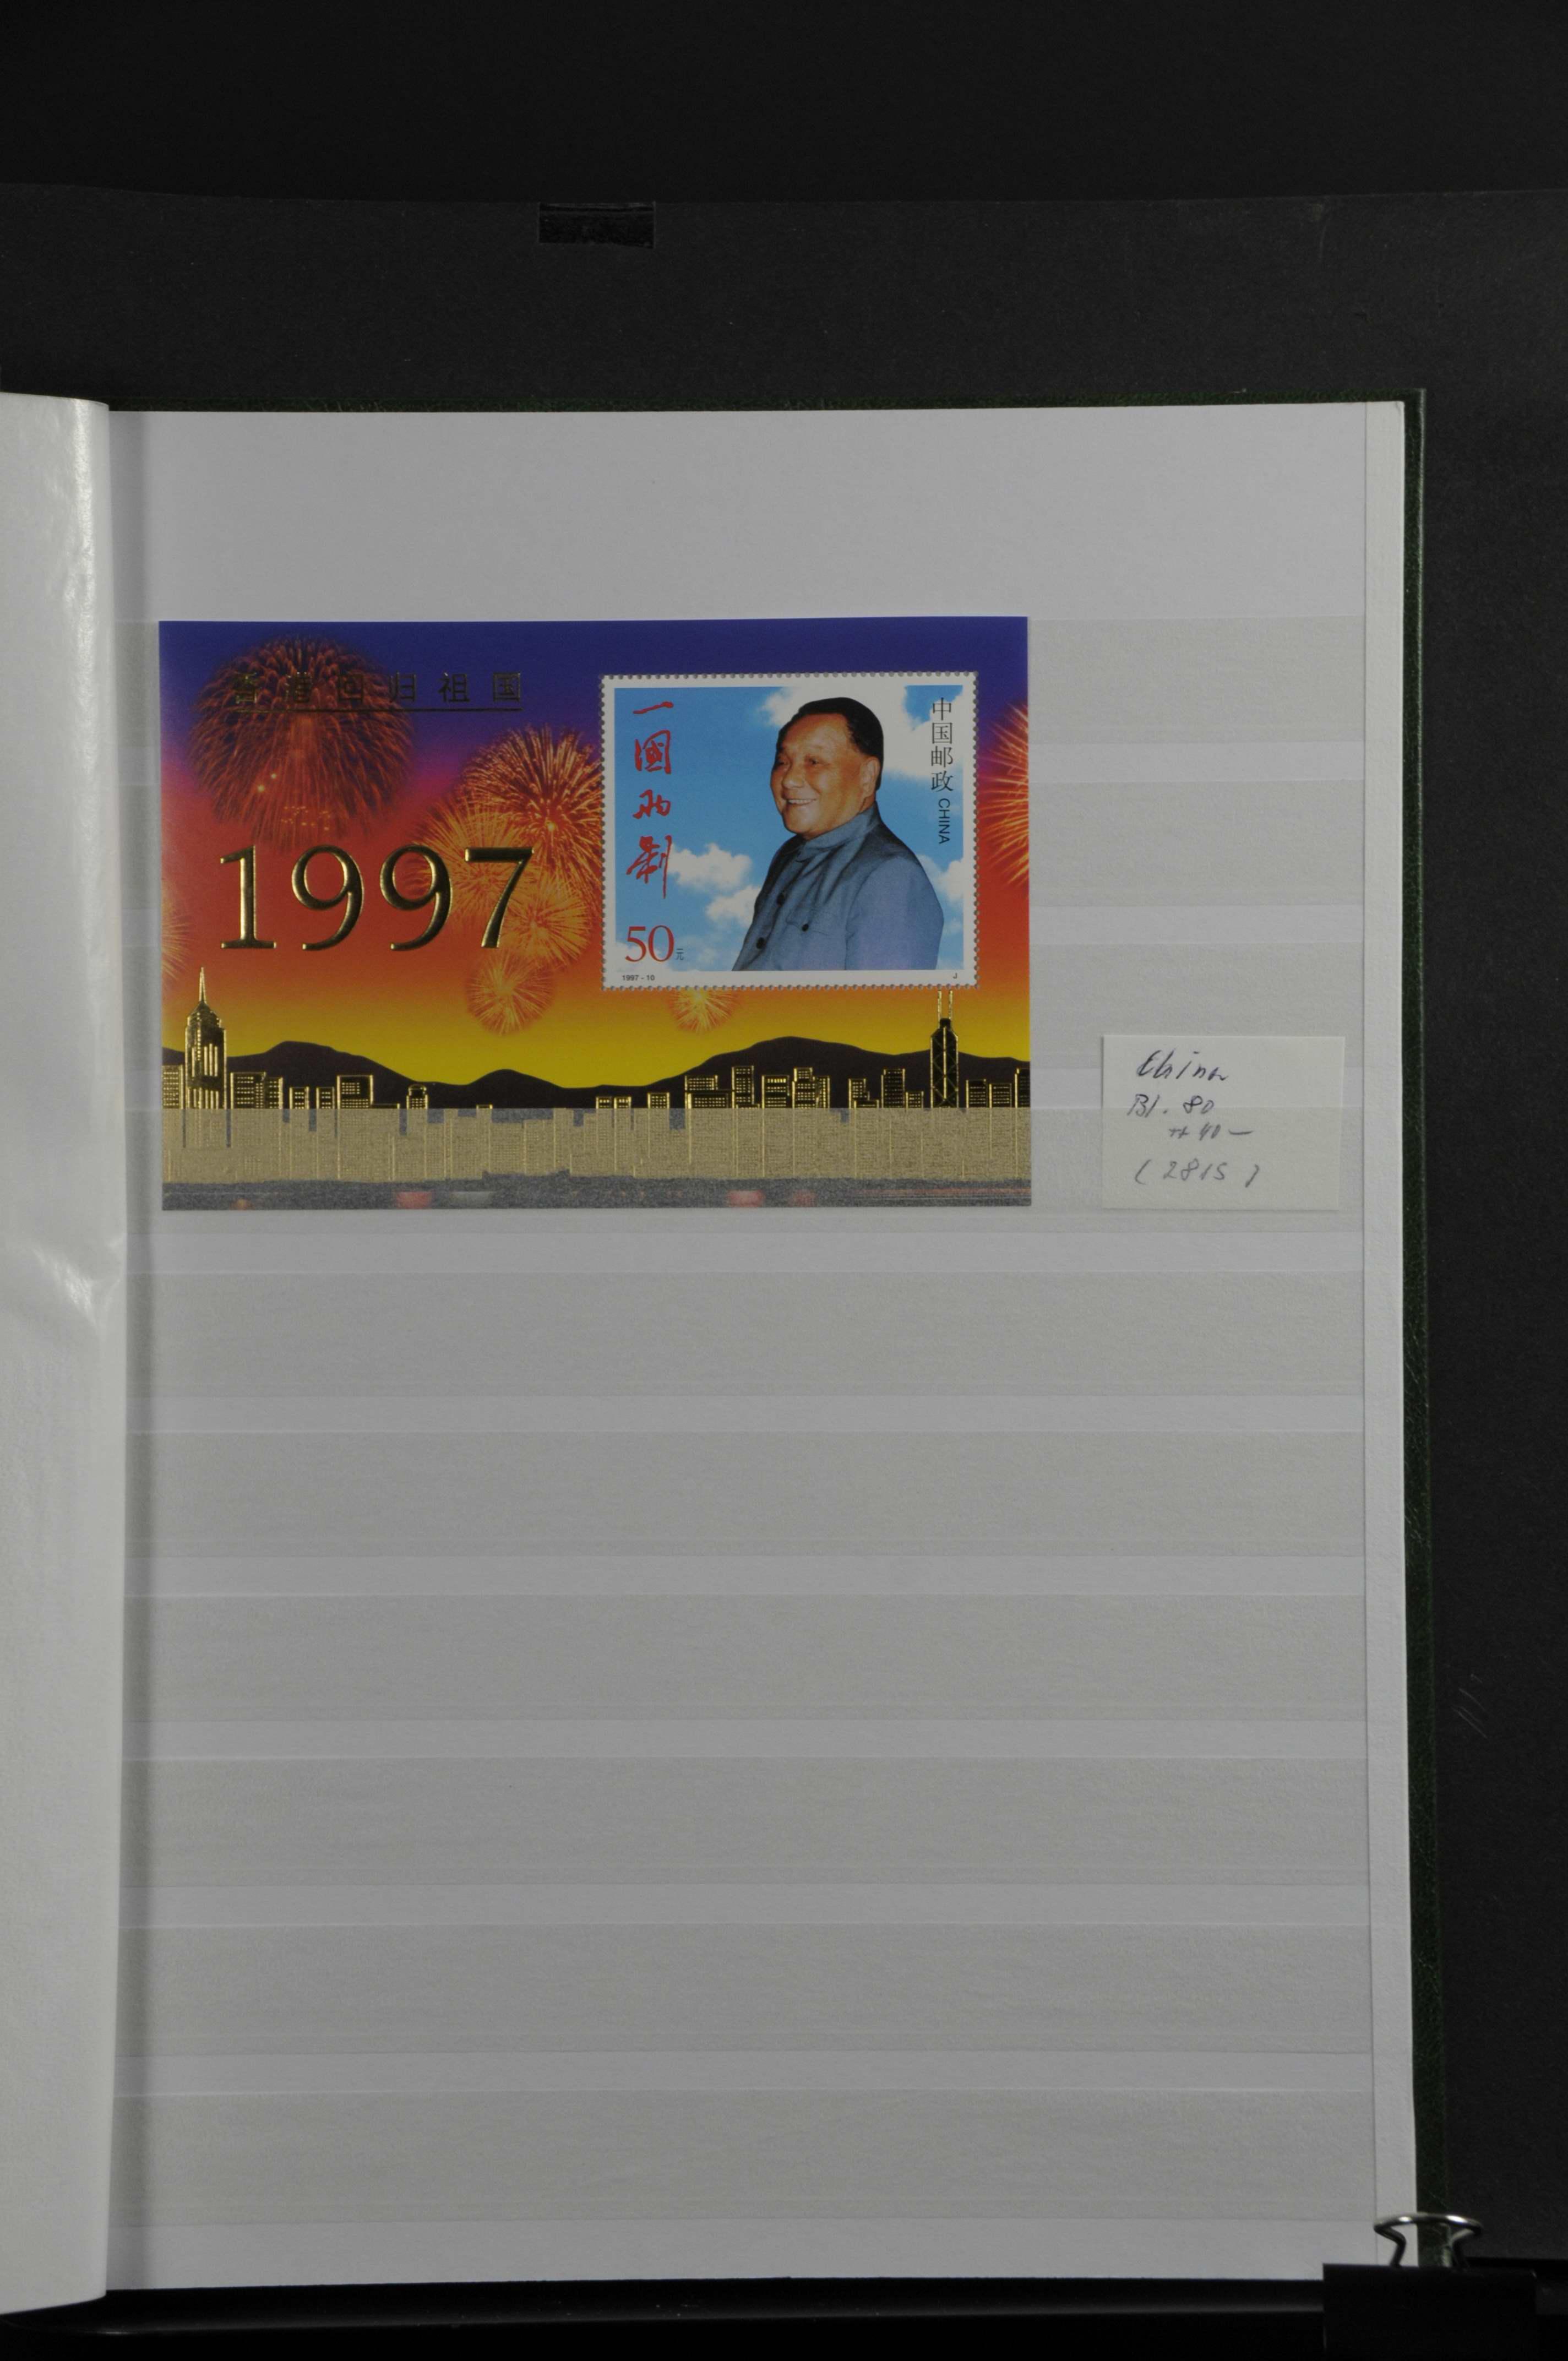 Lot 7003 - Nachlässe, Kartonabteilung  -  Auktionshaus Ulrich Felzmann GmbH & Co. KG